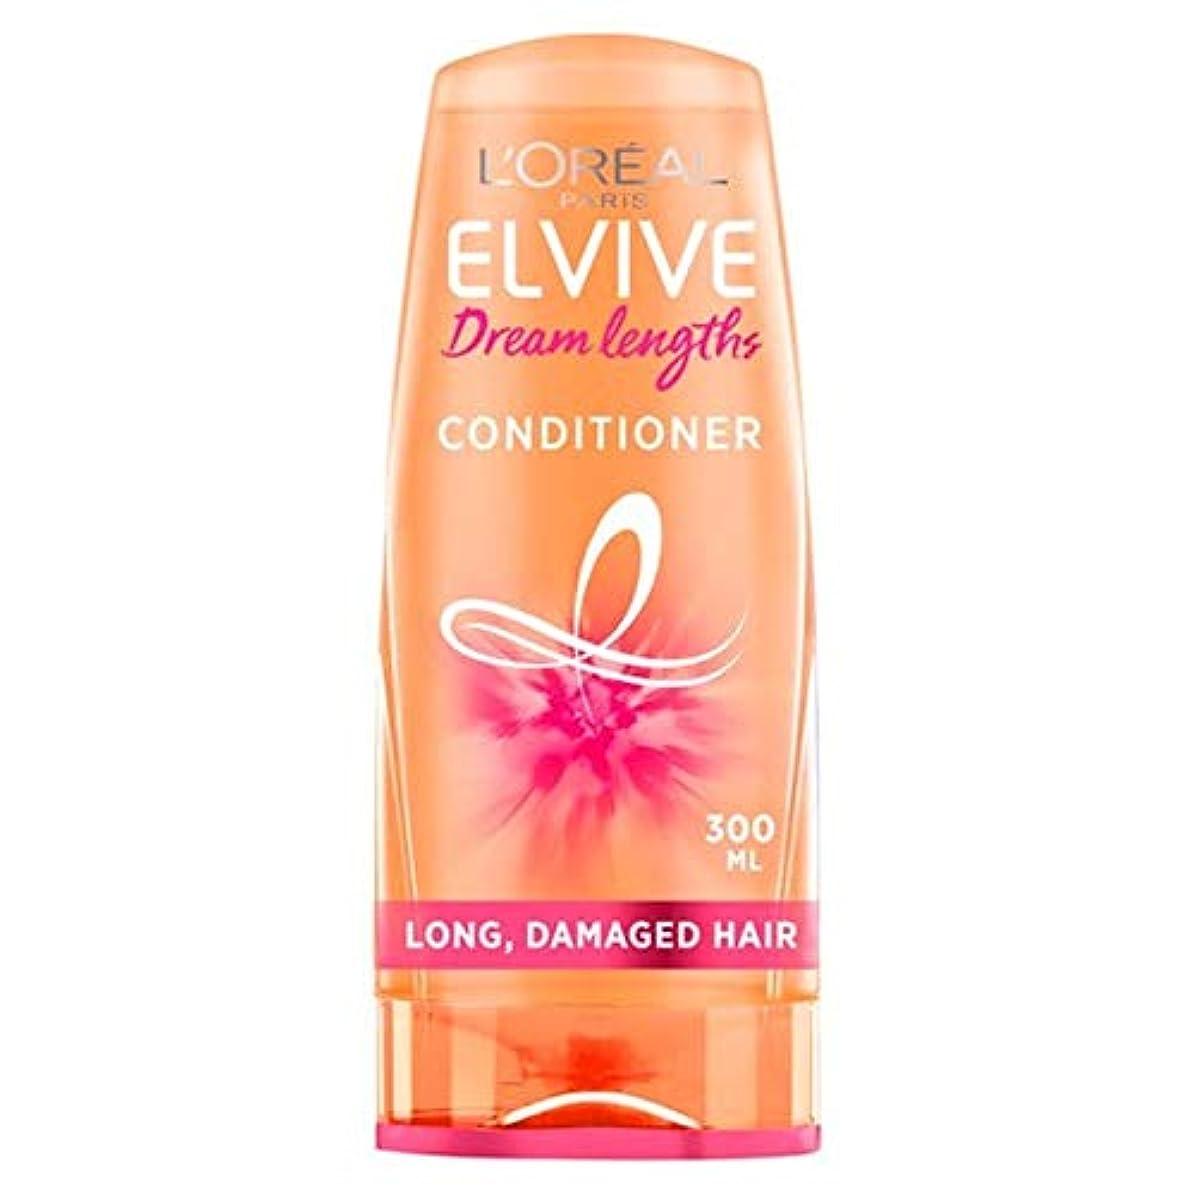 聴く繁栄覆す[Elvive] ロレアルはElvive長ヘアコンディショナー300ミリリットルの夢 - L'oreal Elvive Dream Lengths Hair Conditioner 300Ml [並行輸入品]